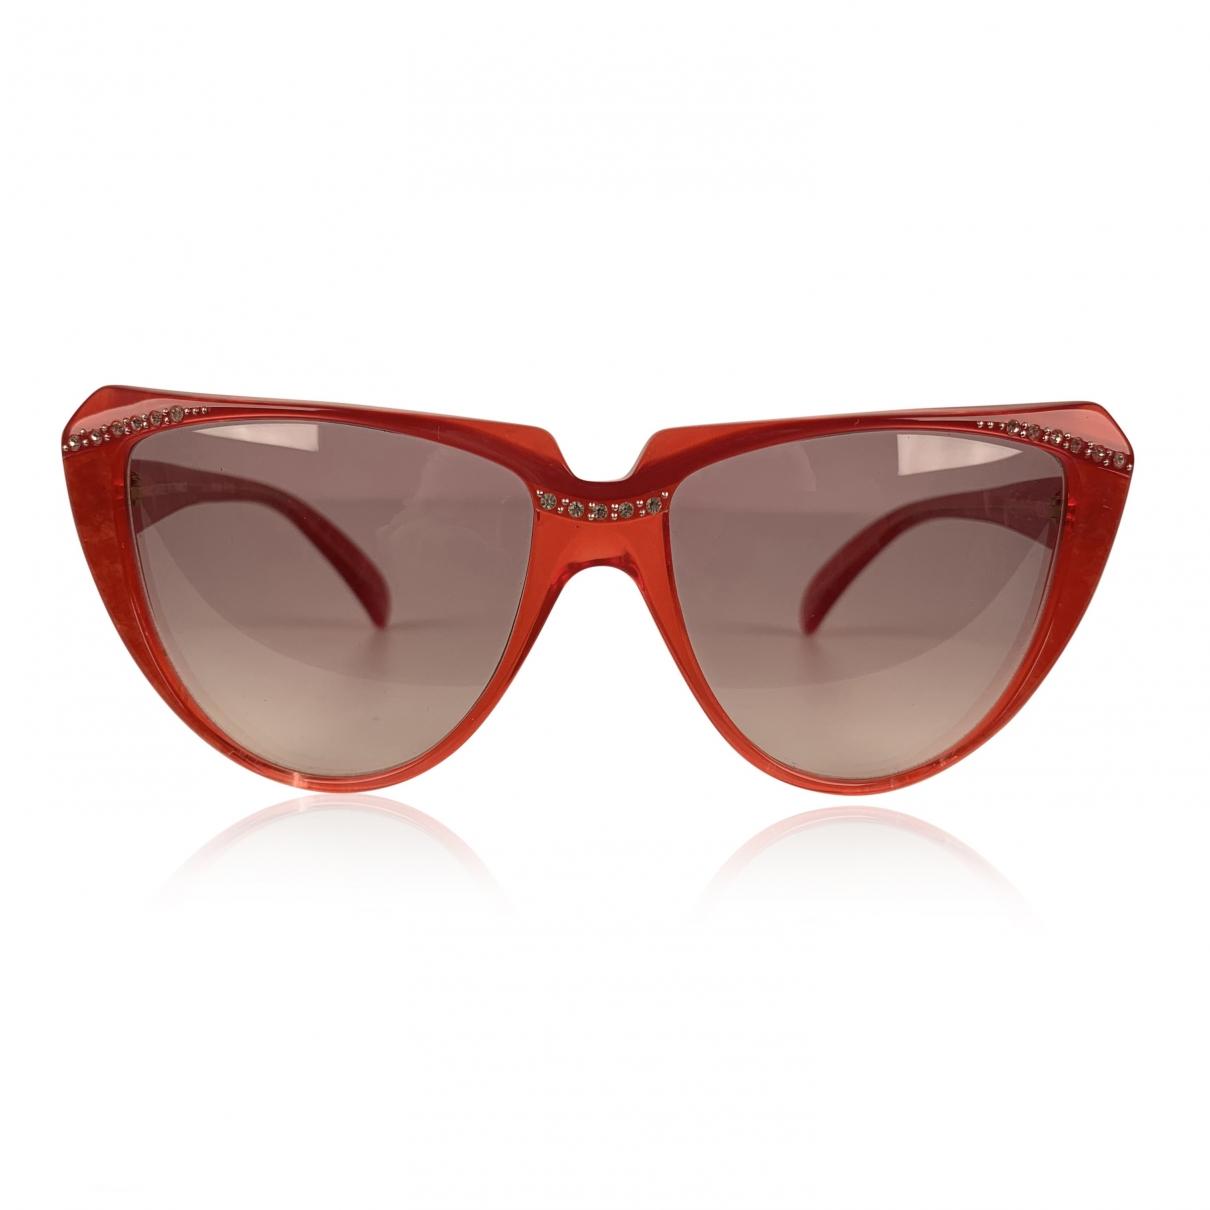 Yves Saint Laurent - Lunettes   pour femme - rouge